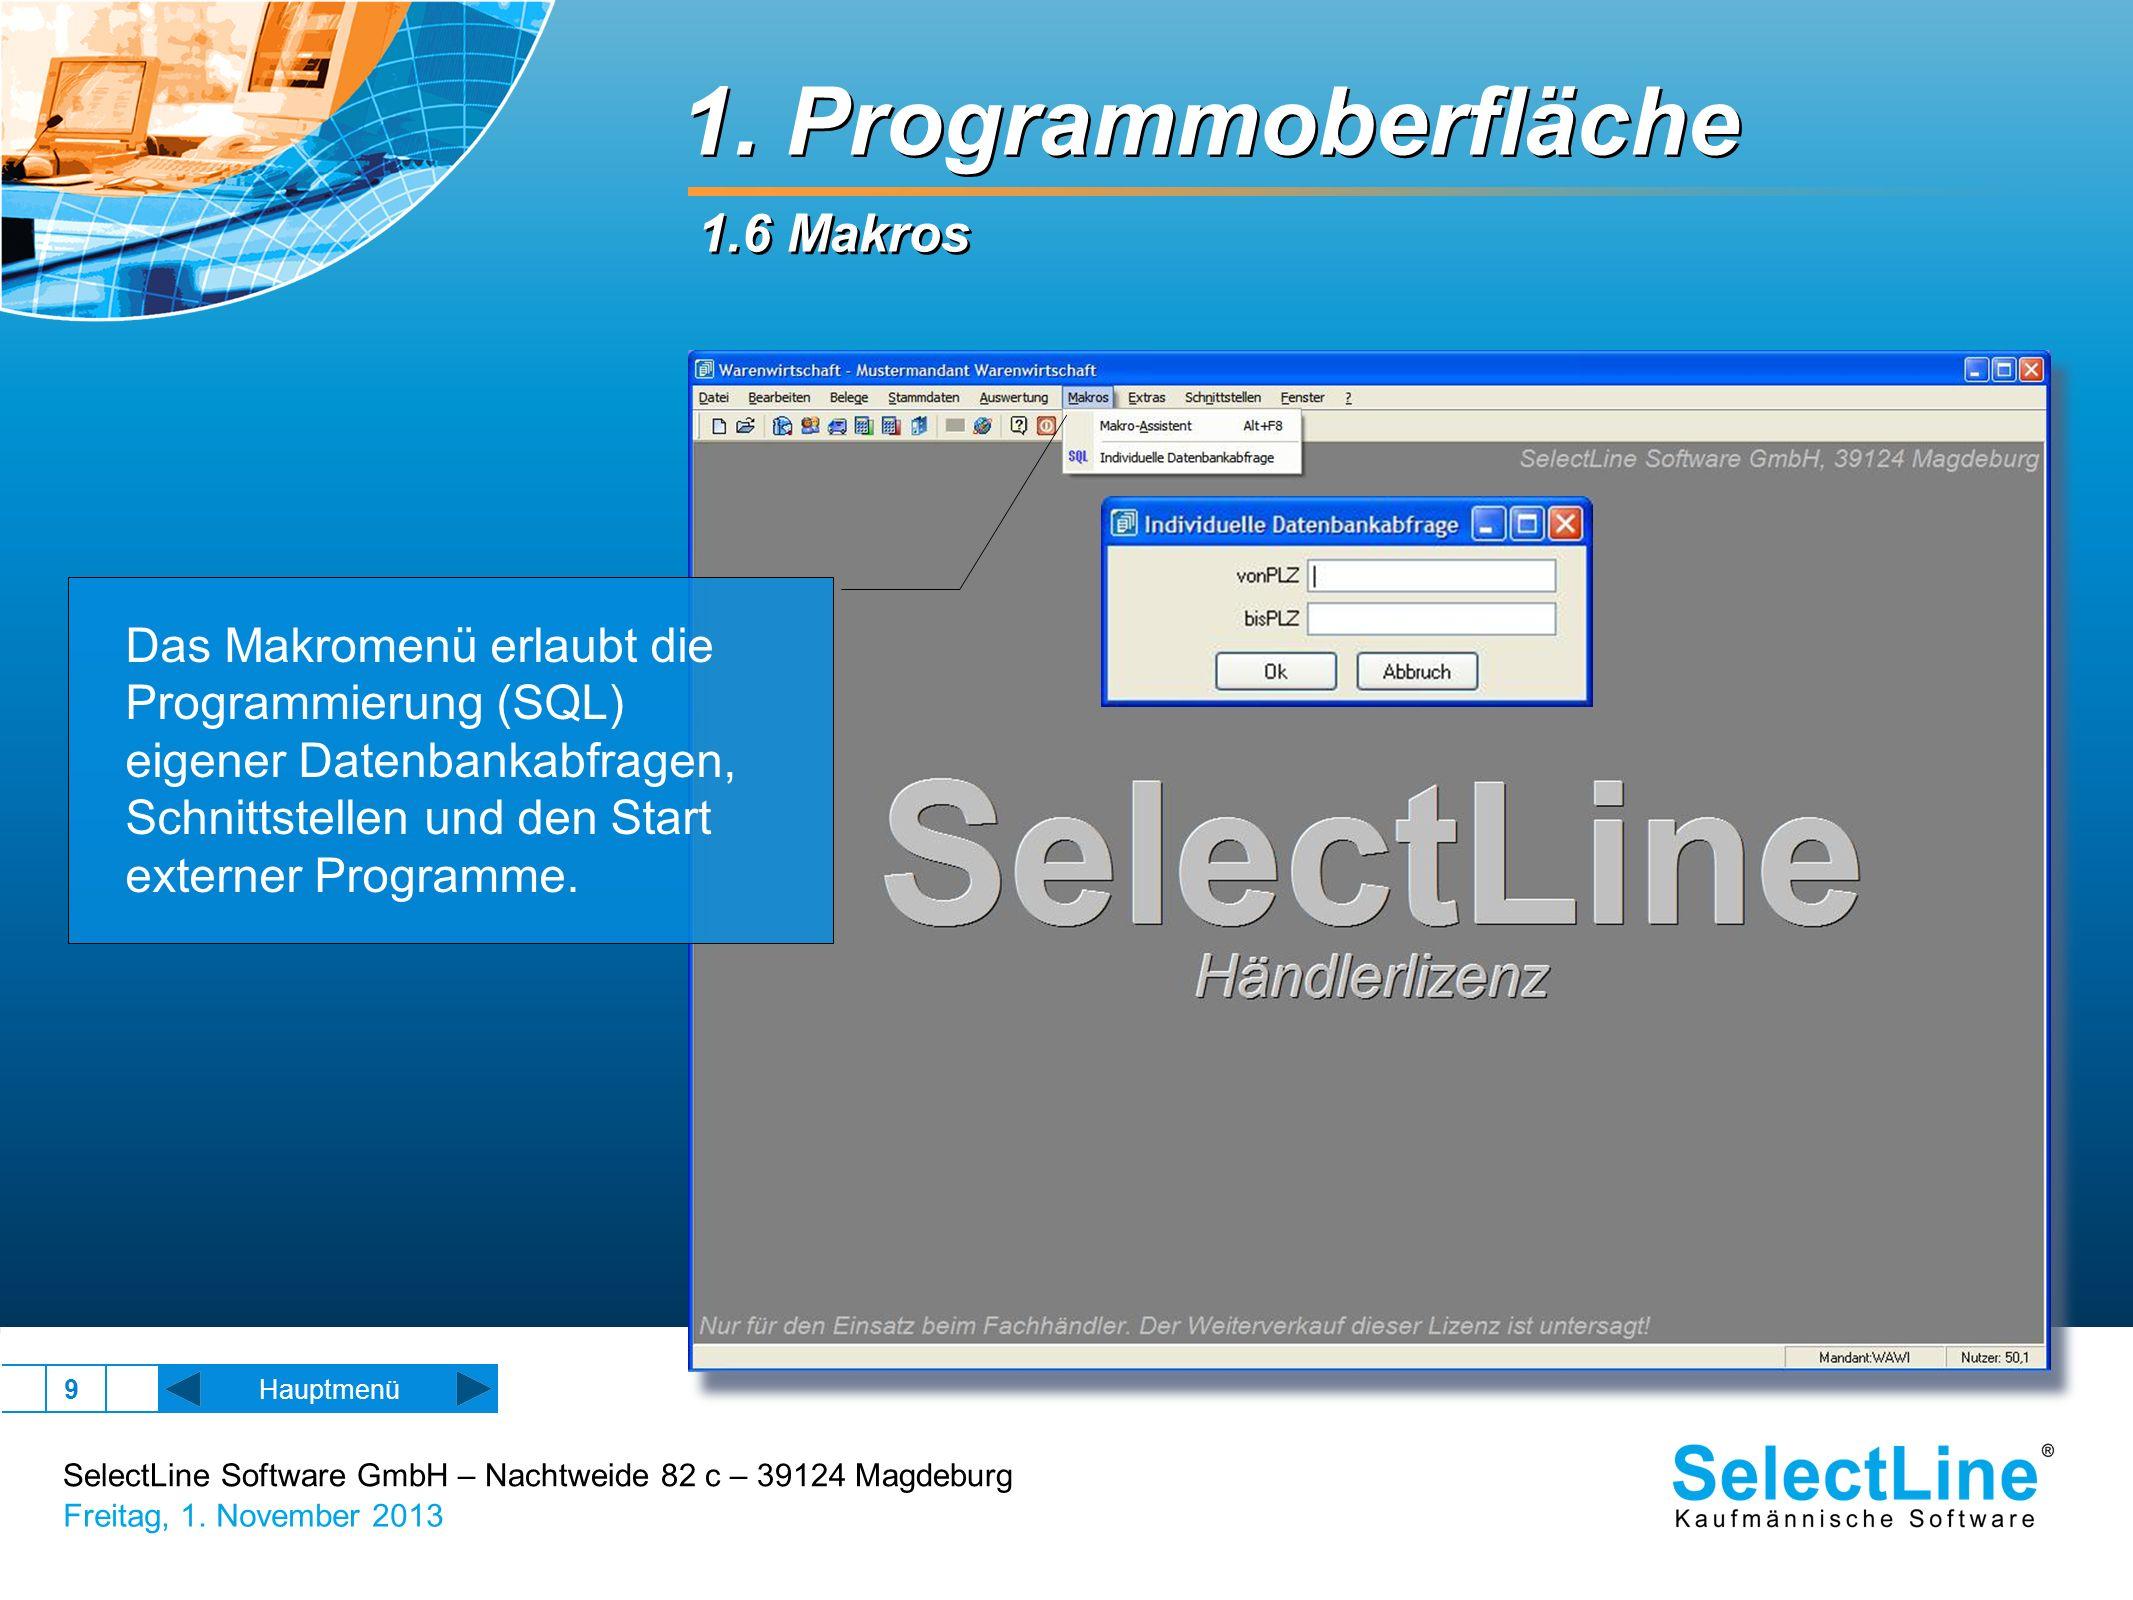 SelectLine Software GmbH – Nachtweide 82 c – 39124 Magdeburg Freitag, 1. November 2013 9 1. Programmoberfläche 1.6 Makros Das Makromenü erlaubt die Pr